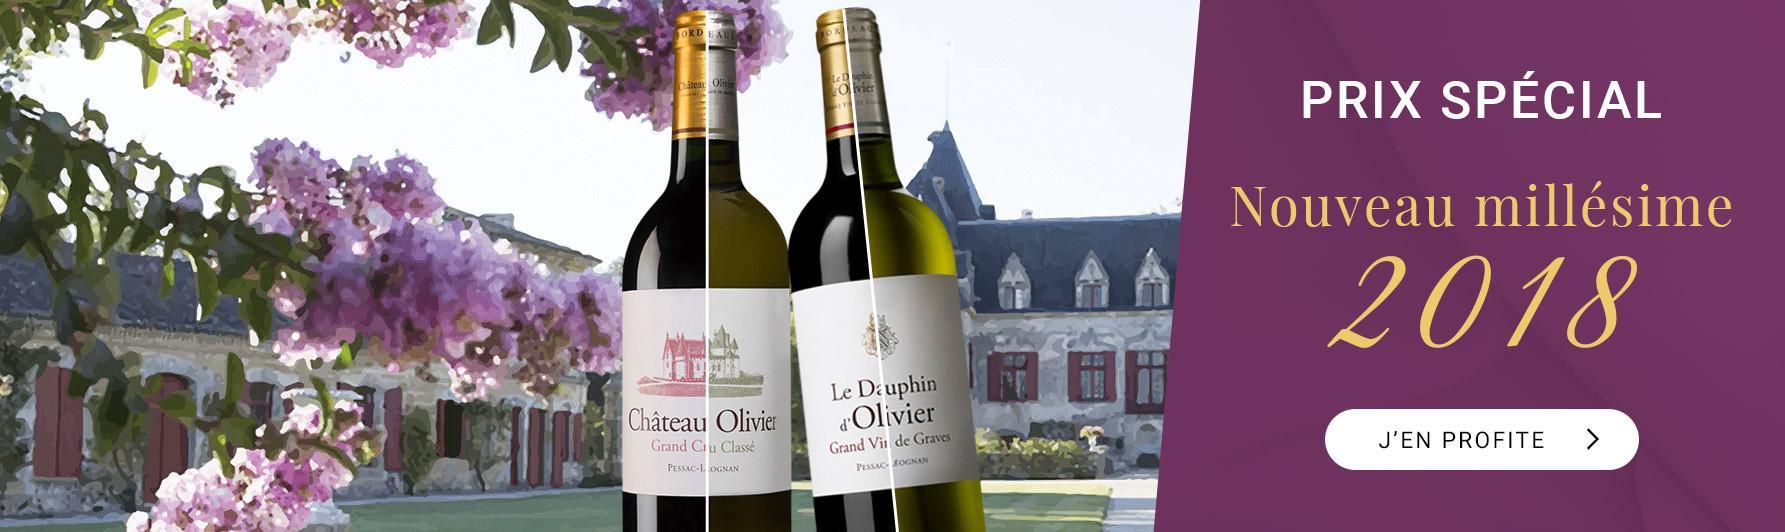 Château Olivier 2018 à prix spécial